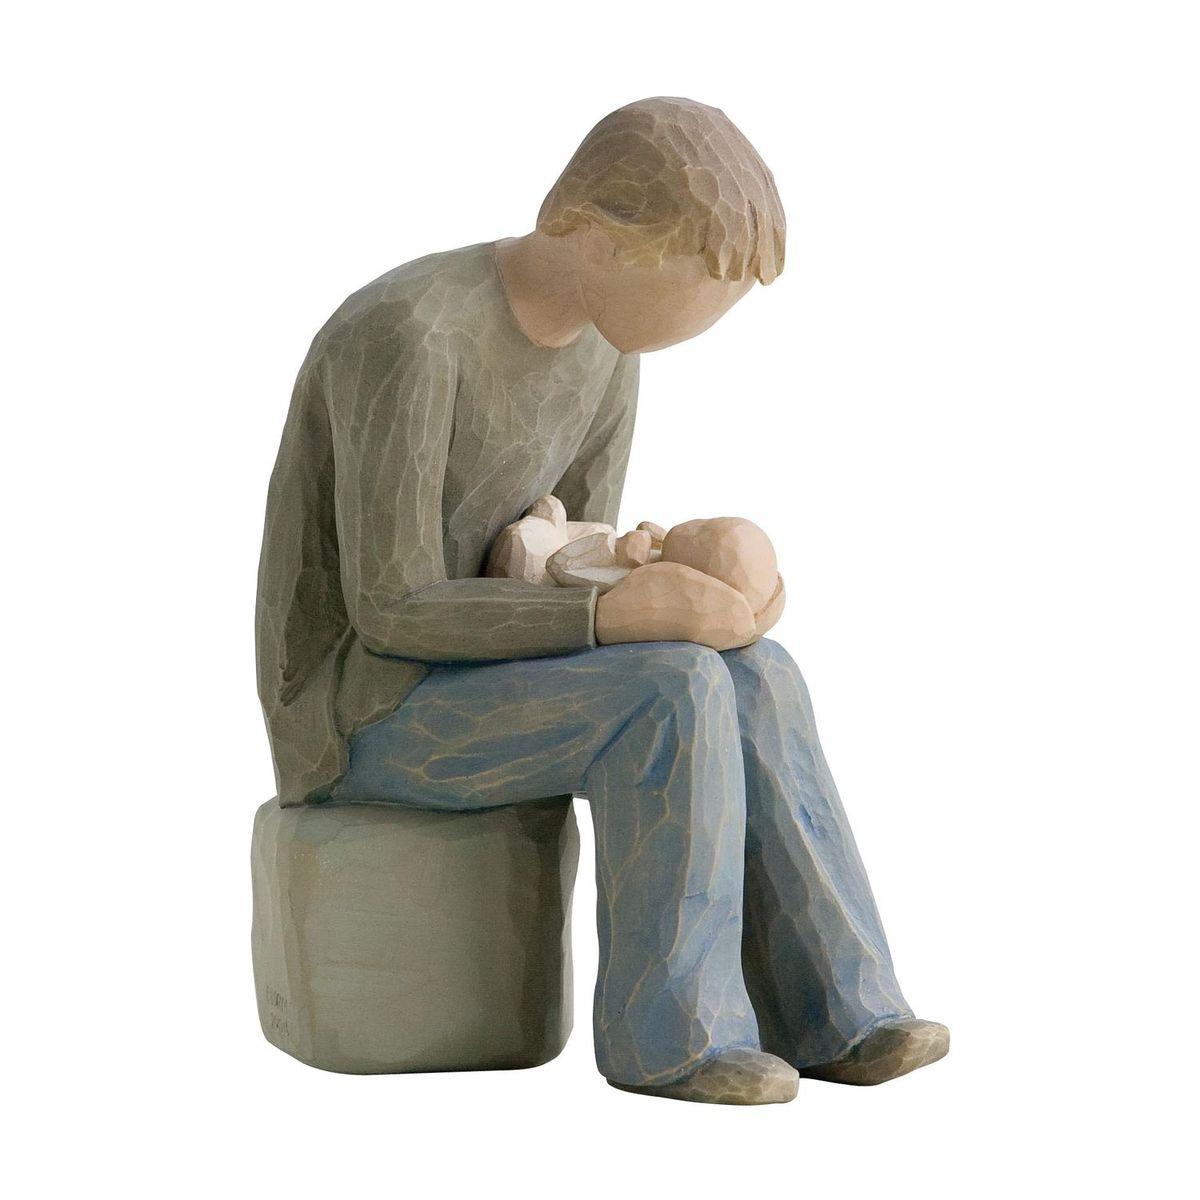 Фигурка декоративная Willow Tree Стать отцом, высота 14 см41619Декоративная фигурка Willow Tree создана канадским скульптором Сьюзан Лорди. Фигурка выполнена из искусственного камня (49% карбонат кальция мелкозернистой разновидности, 51% искусственный камень).Фигурка Willow Tree – это настоящее произведение искусства, образная скульптура в миниатюре, изображающая эмоции и чувства, которые помогают чувствовать себя ближе к другим, верить в мечту, выражать любовь.Фигурка помещена в красивую упаковку.Купить такой оригинальный подарок, значит не только украсить интерьер помещения или жилой комнаты, но выразить свое глубокое отношение к любимому человеку. Этот прекрасный сувенир будет лучшим подарком на день ангела, именины, день рождения, юбилей.